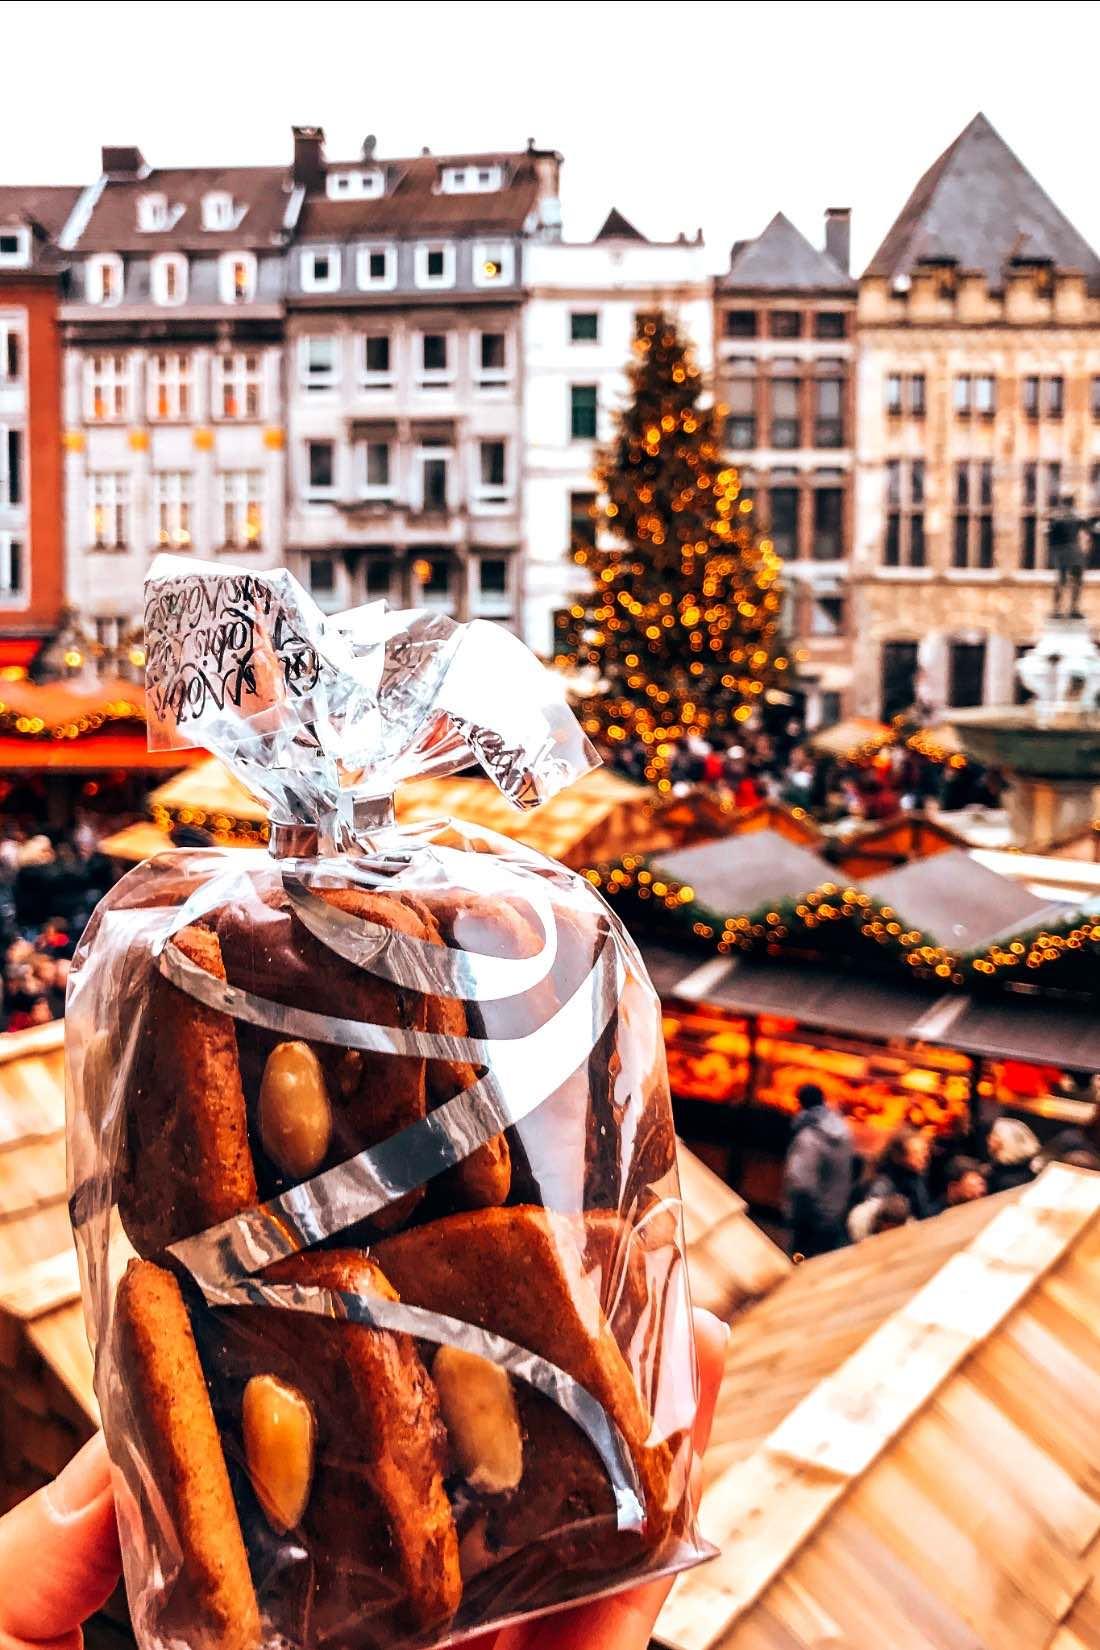 Bester Weihnachtsmarkt In Deutschland.Weihnachtsmarkt Aachen Schönster Weihnachtsmarkt Deutschlands